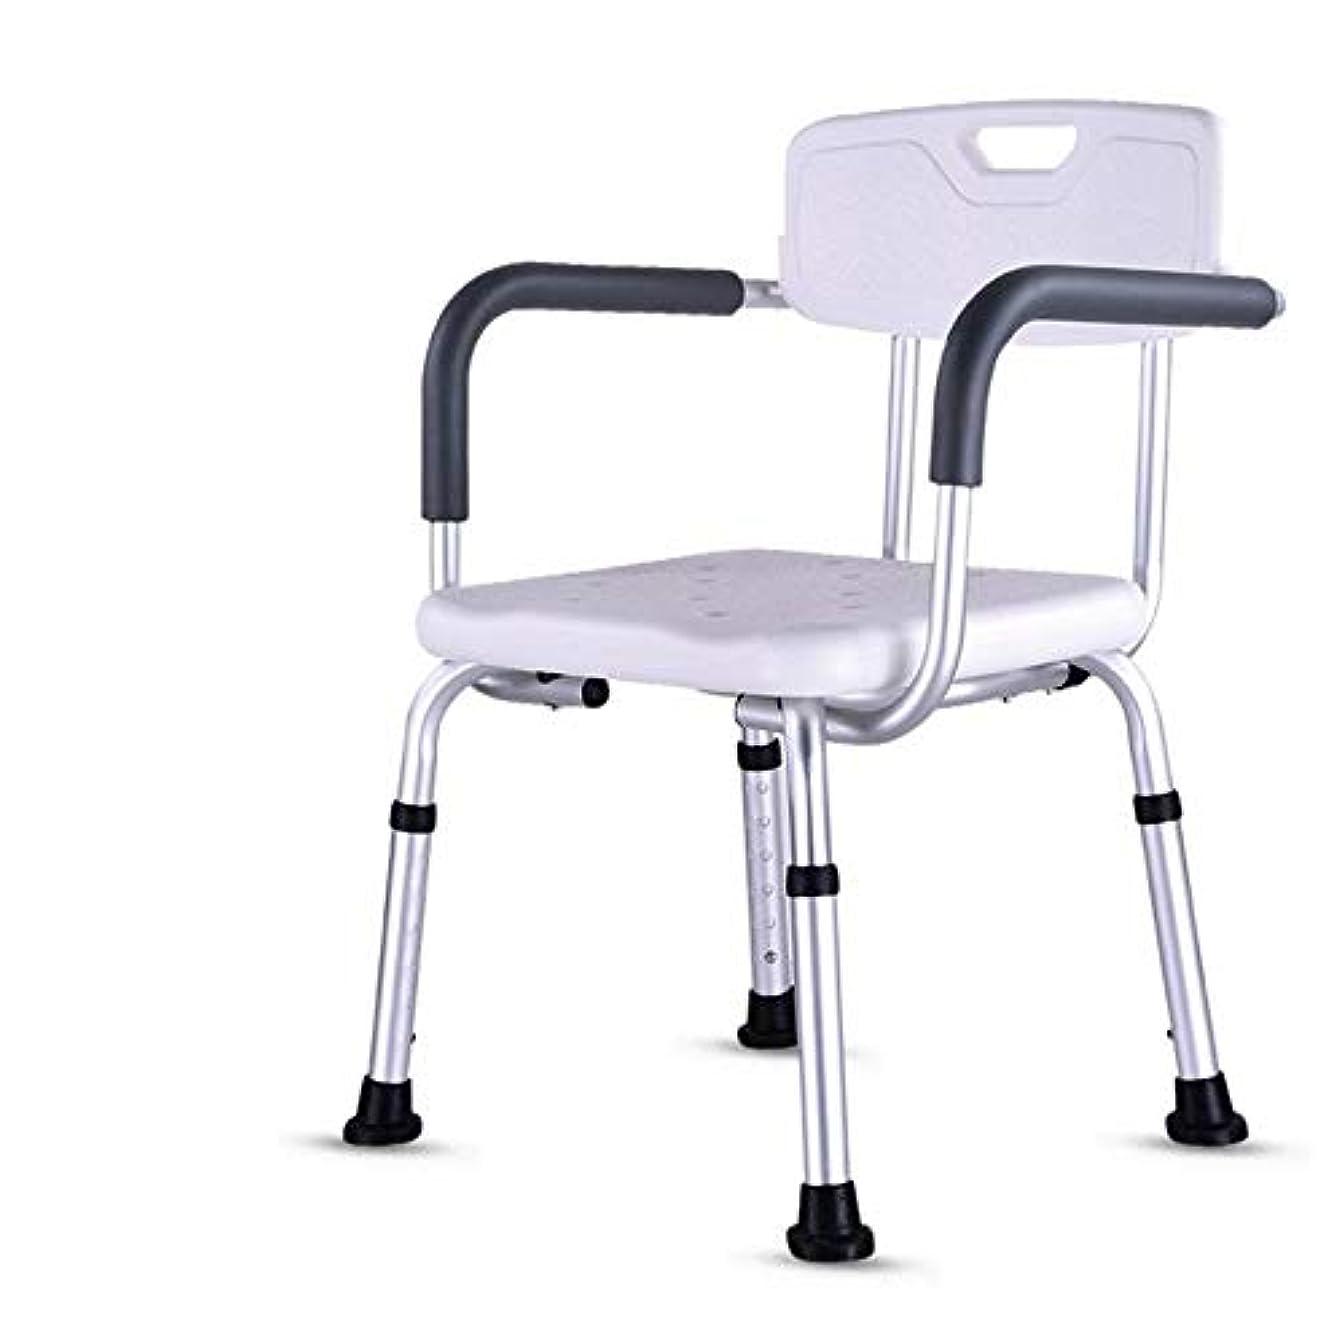 オフセットほかに厚くする背もたれ付き軽量折りたたみウェットバスルームシャワーシートチェア-高さ調節可能